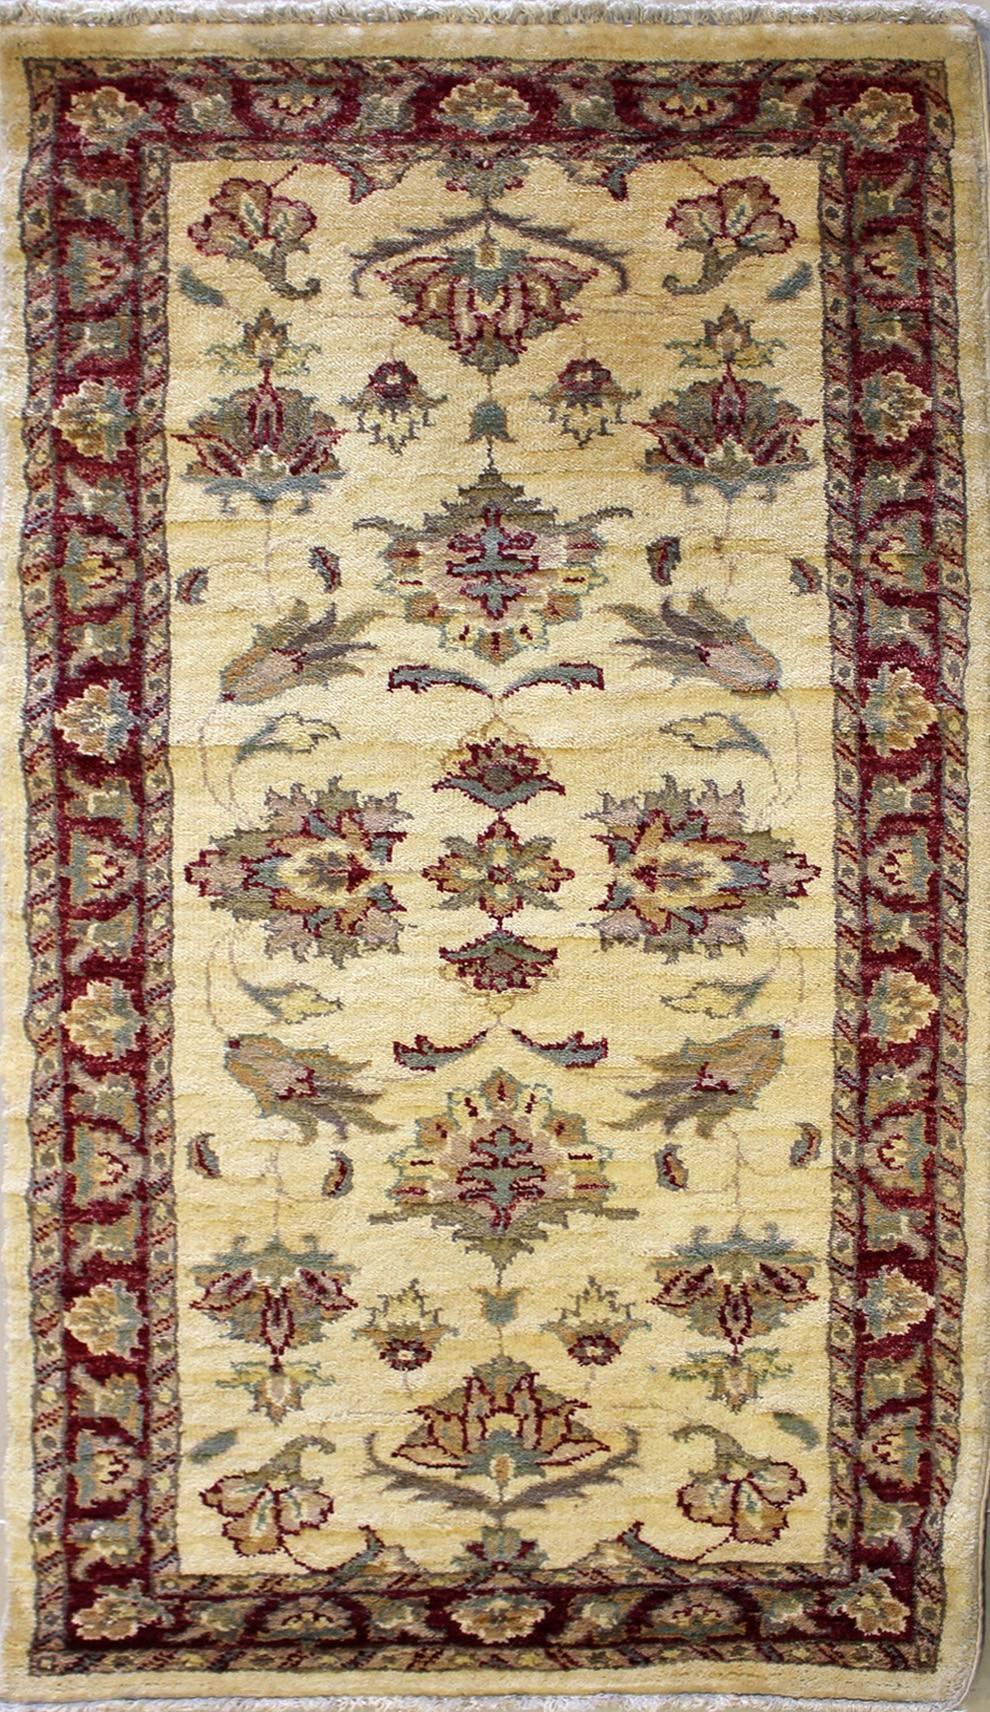 4x4'8 rug - ziegler chobi - handwoven chobi ziegler rugs made with